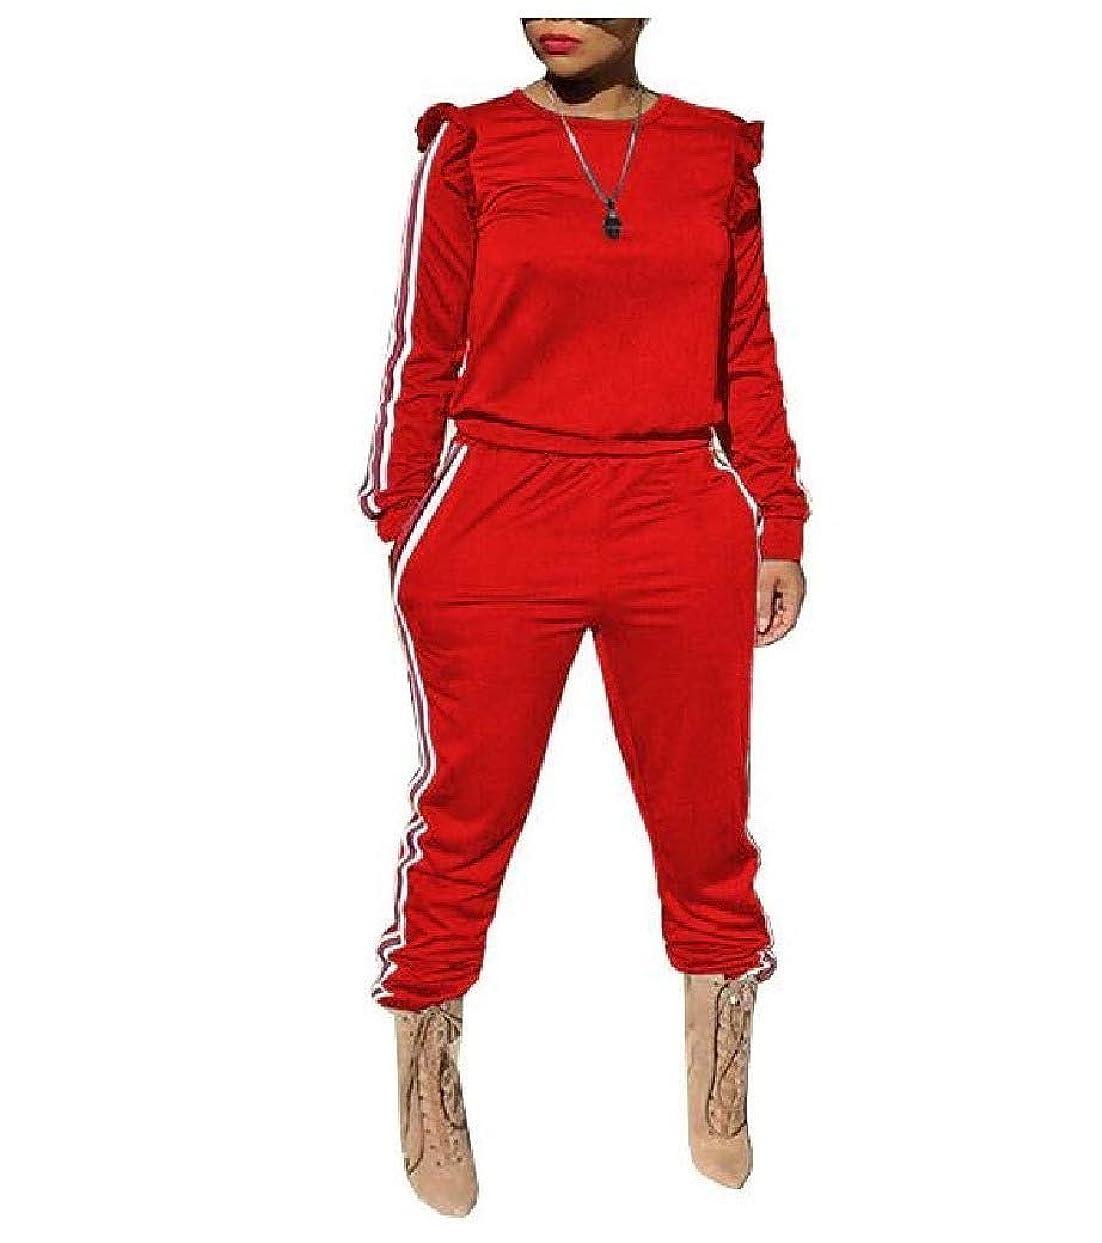 聖域休暇忠実に女性ポケットロングスリーブストライプスウェットシャツコートパンツ